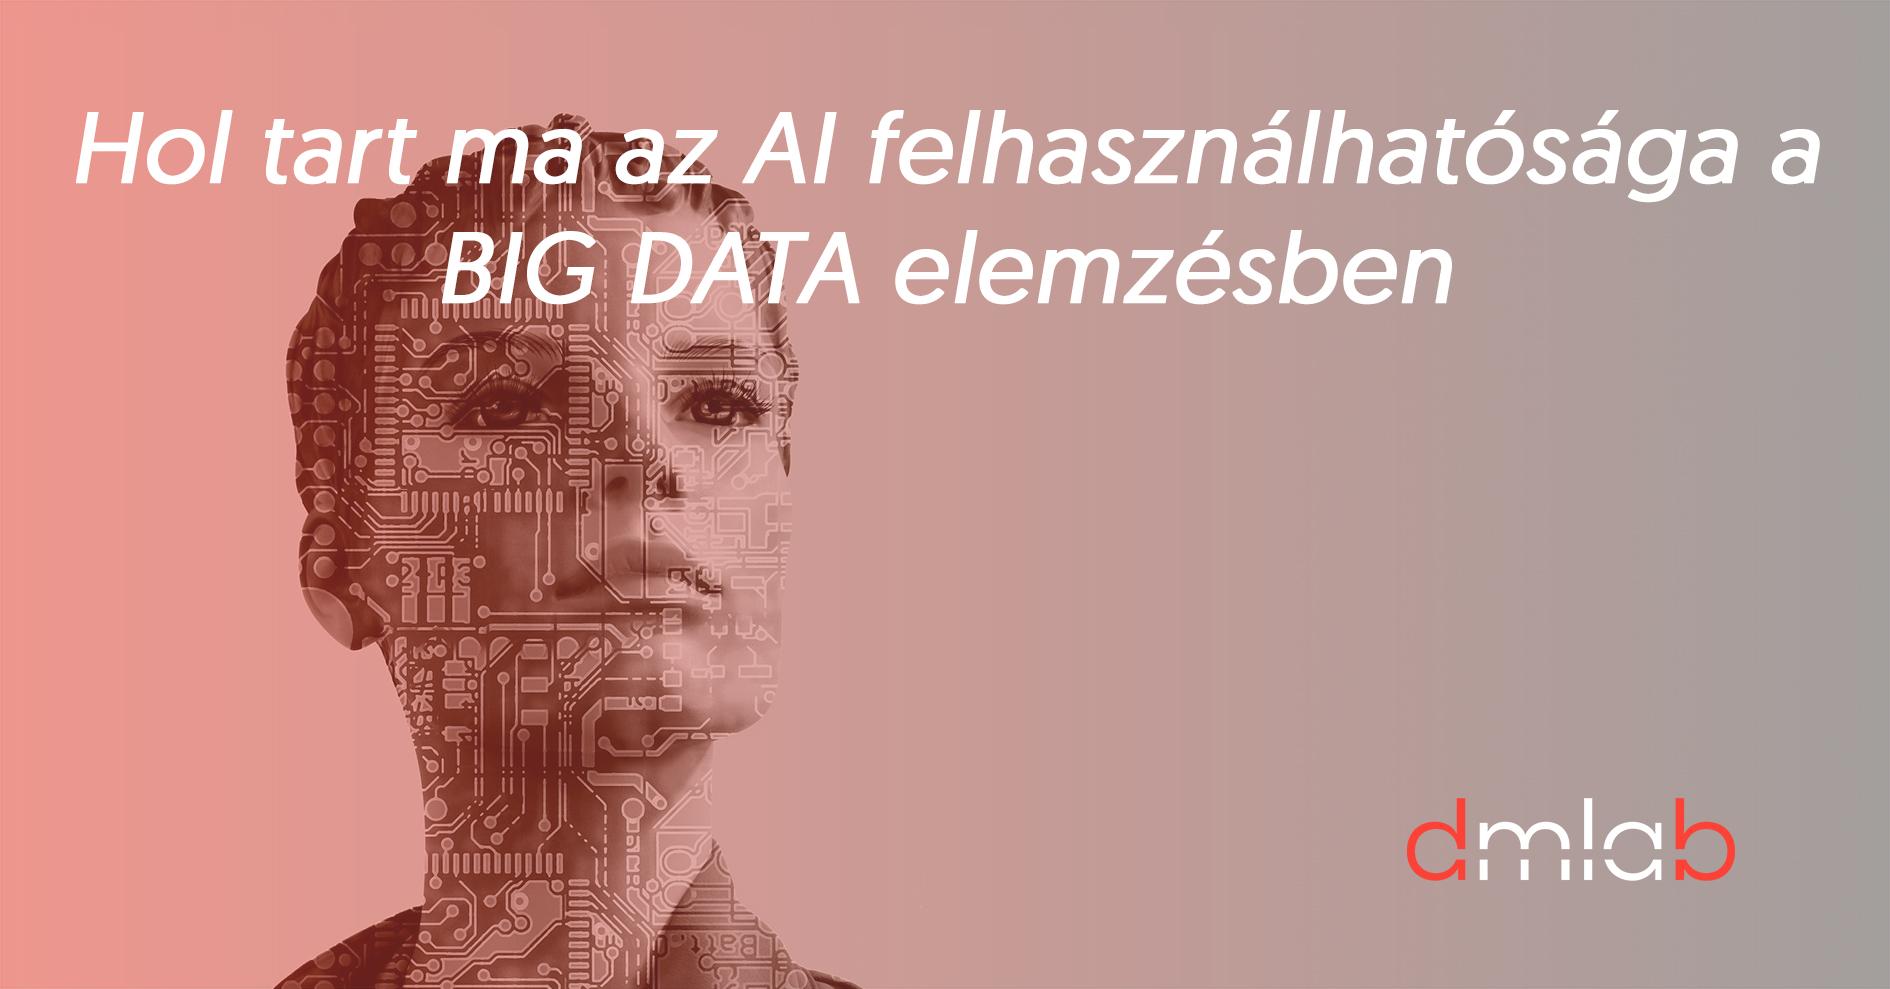 hol_tart_ma_a_ai_felhasznalhato_saga_a_big_data_elemzesben.jpg